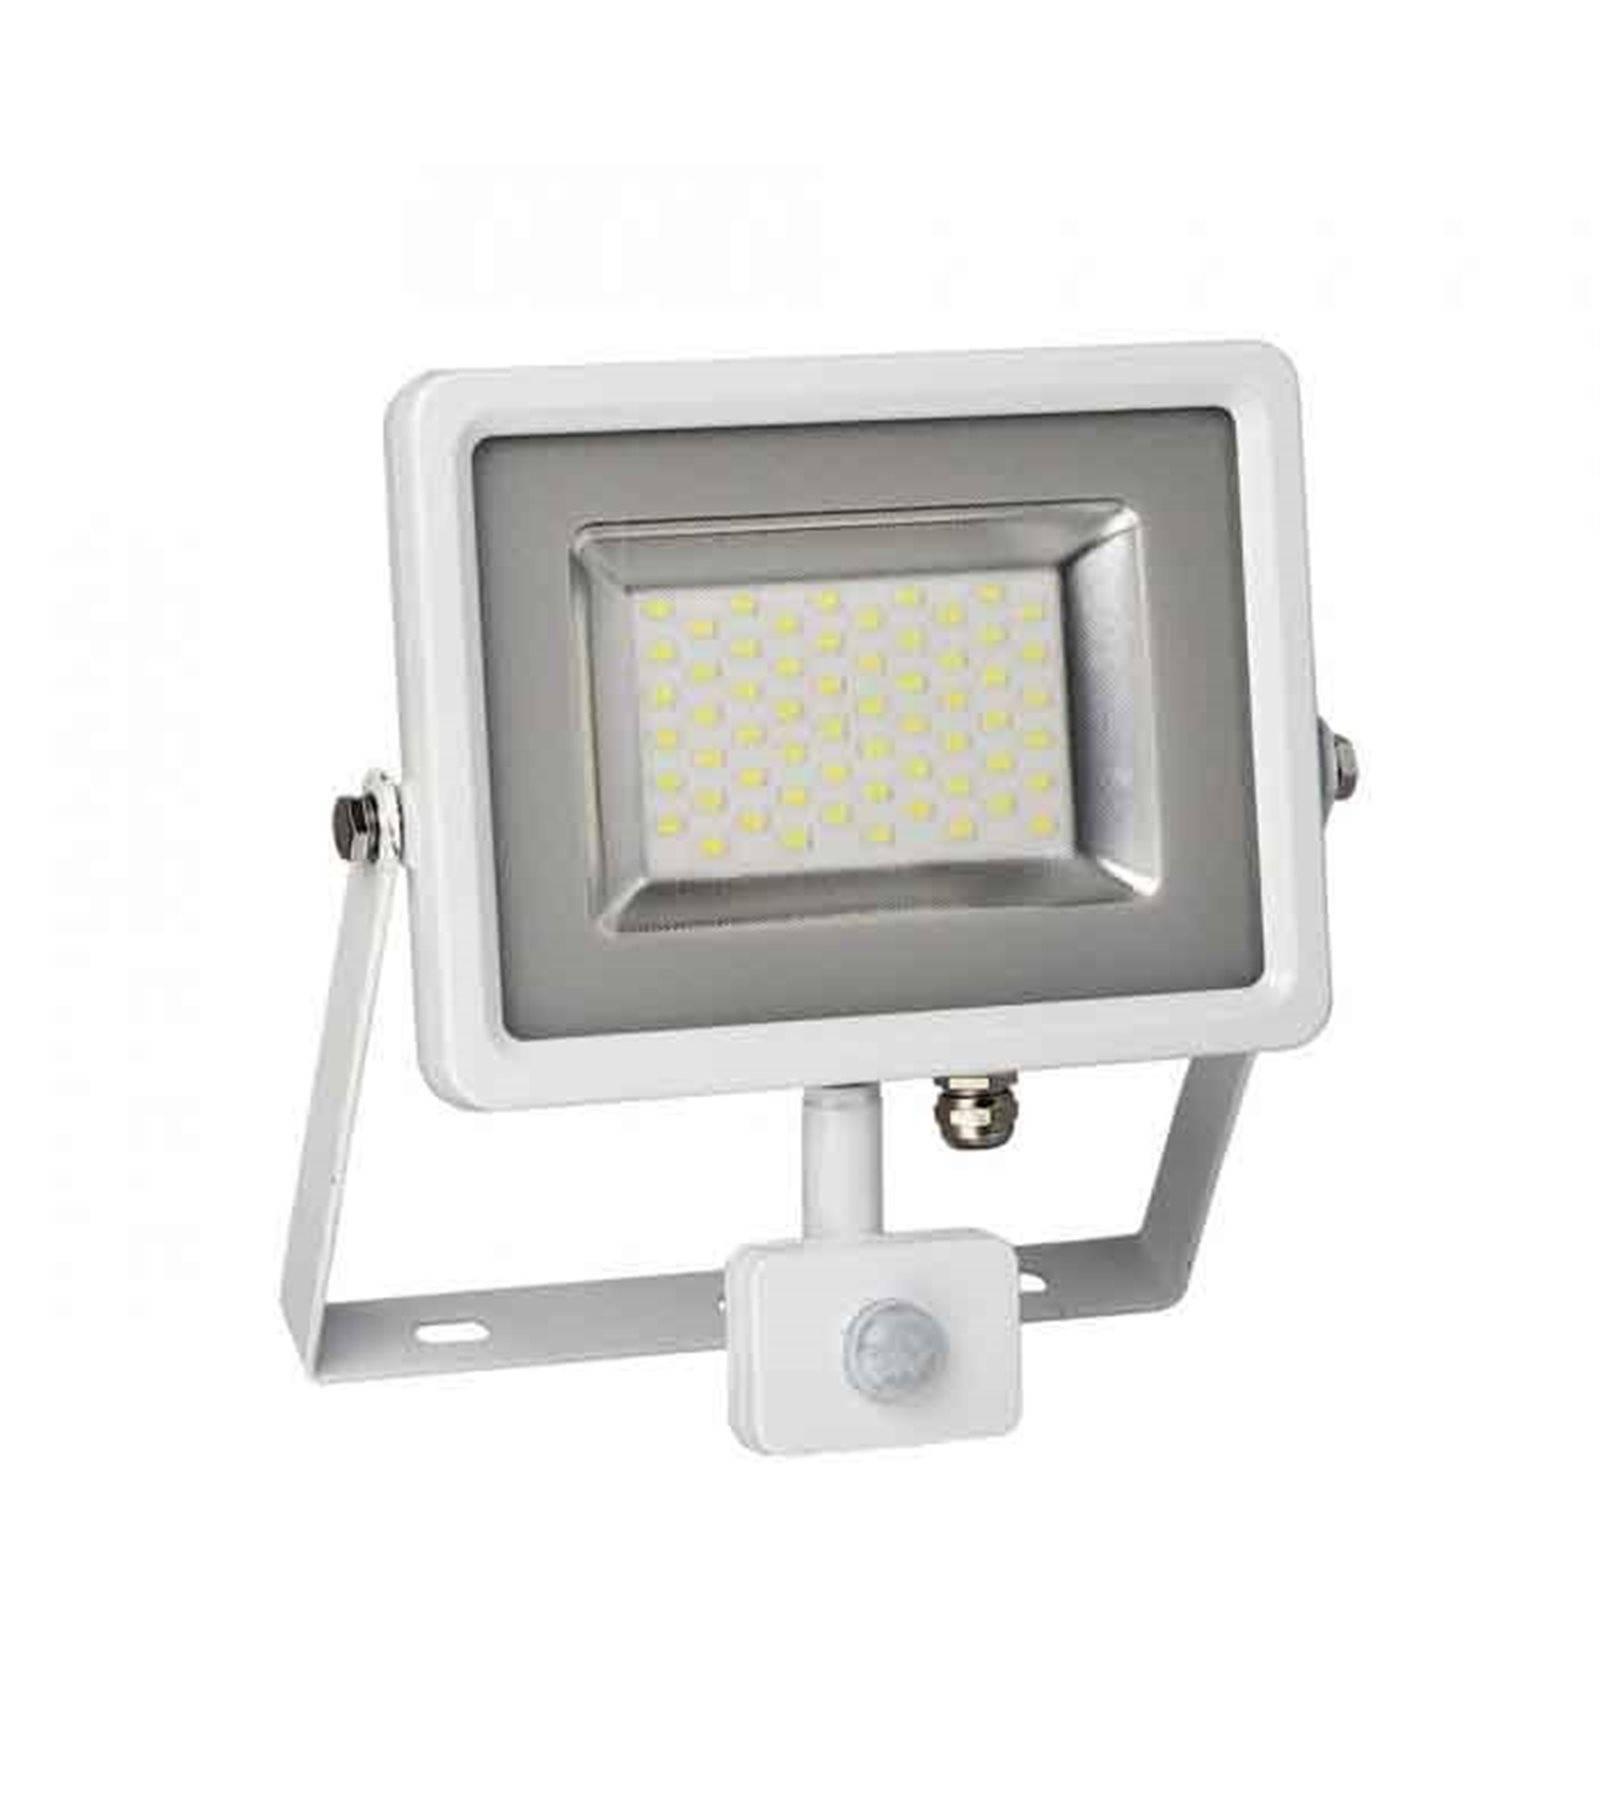 V-TAC Projecteur blanc avec détecteur de mouvement 30W équiv 150W LED SMD intégrées IP65 Blanc neutre extérieur V-TAC - 5751